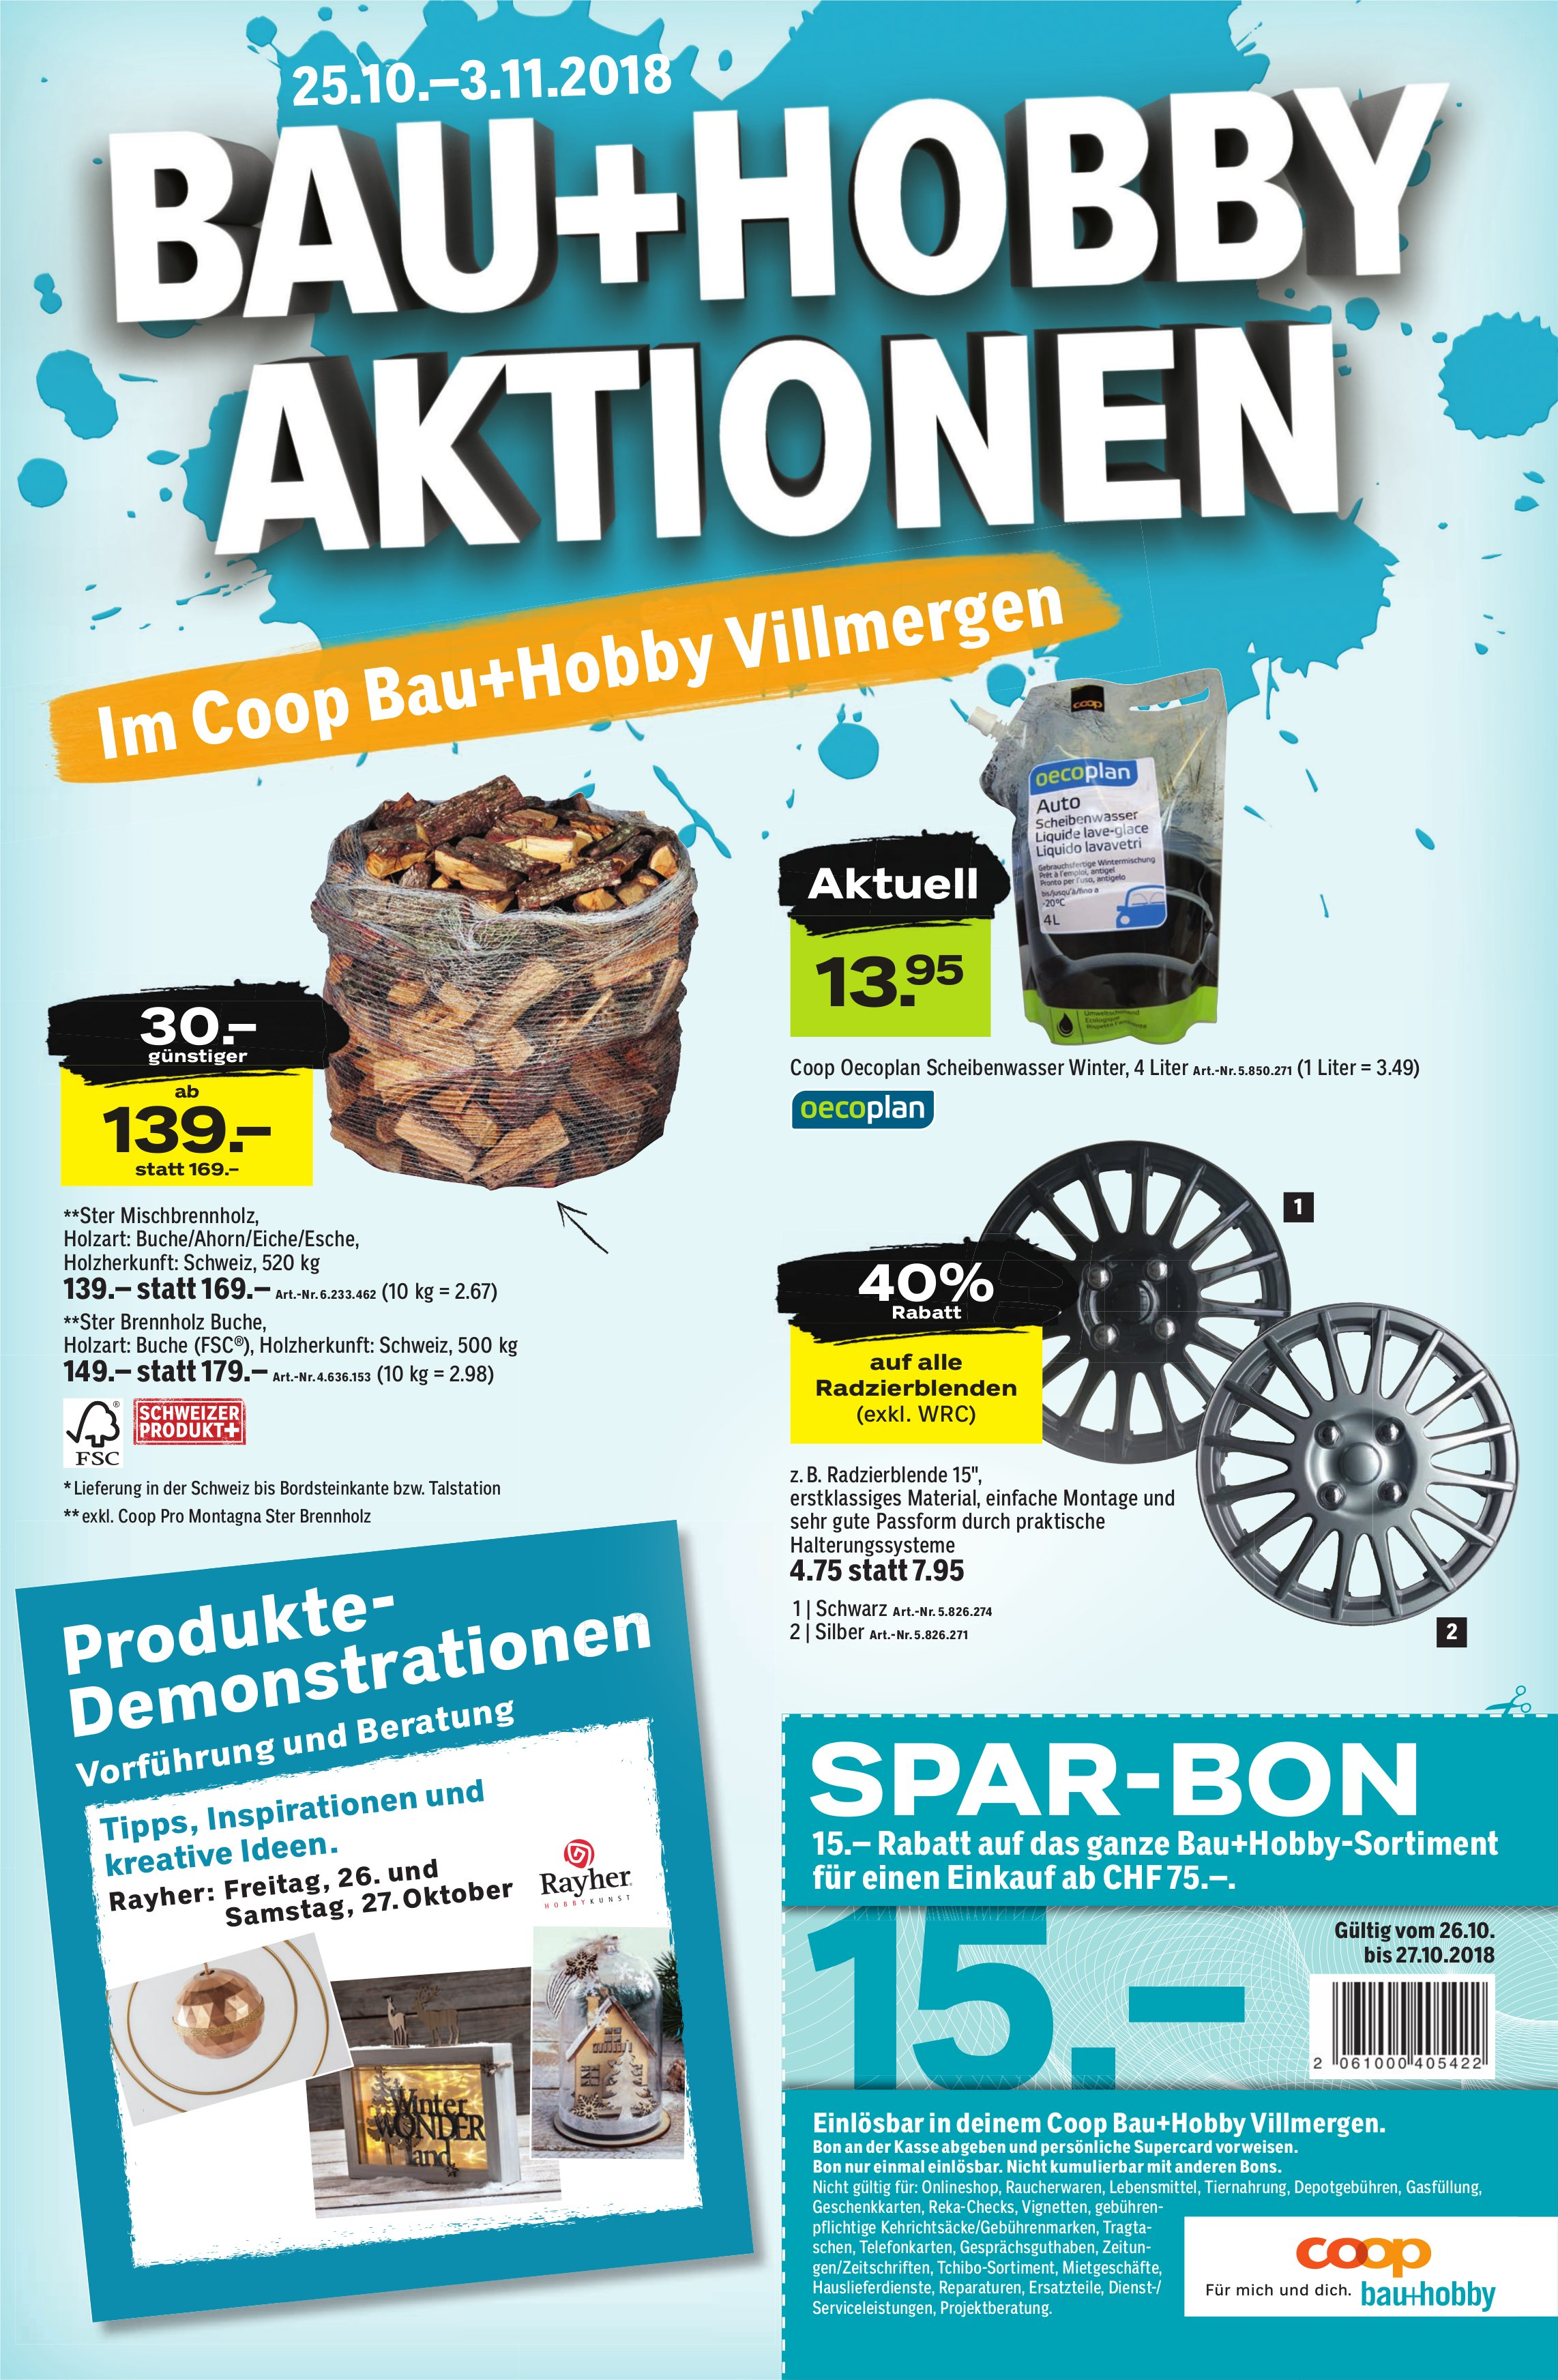 Bau Hobby Aktionen Im Coop Bauhobby Villmergen Vom 2510 Bis 0311